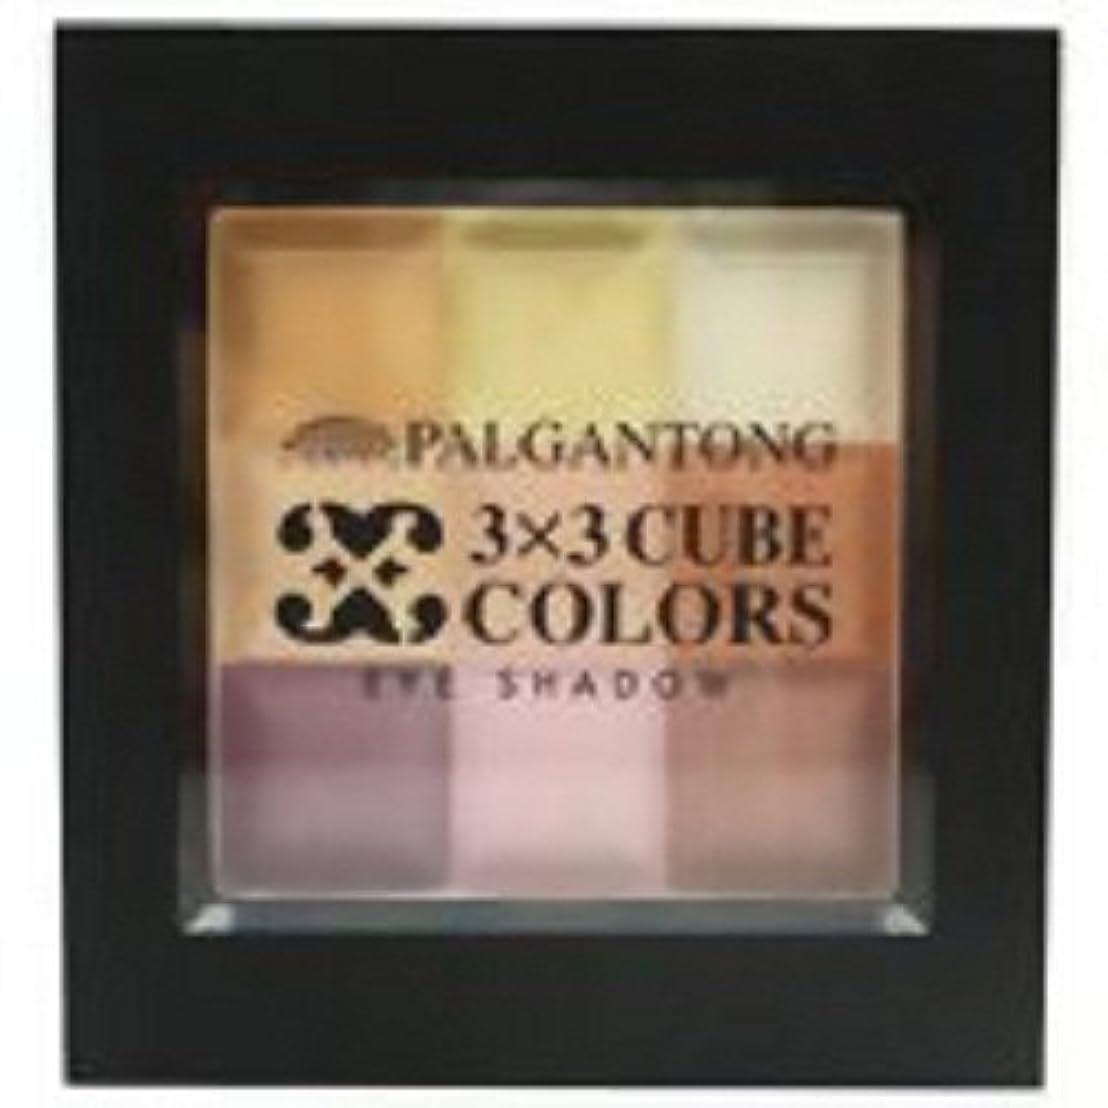 さておき乱闘遠足パルガントン スリーバイスリーキューブカラーズ PY50 ピンク&イエロー